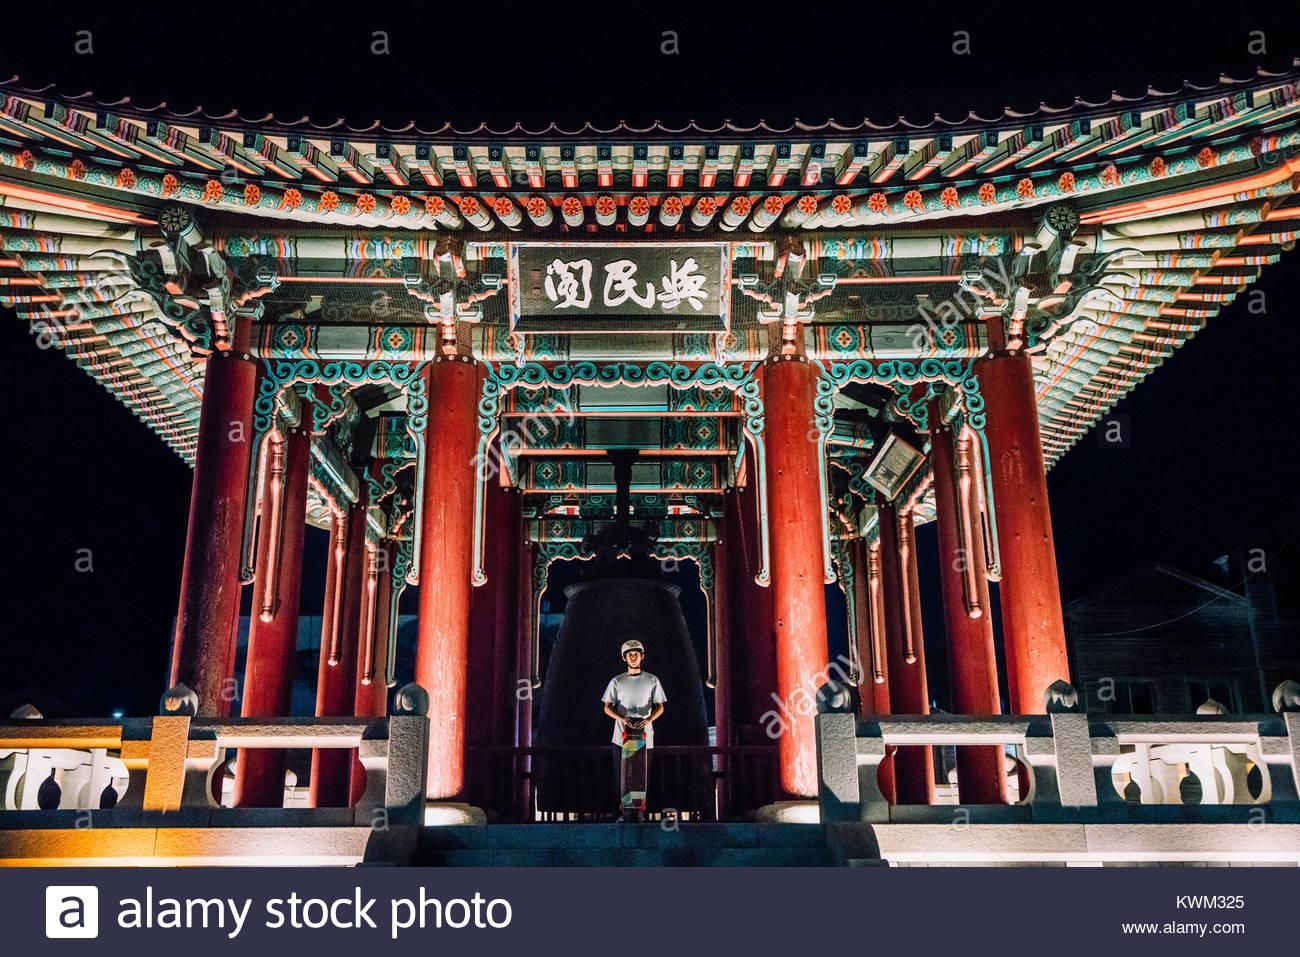 Hombre sujetando el monopatín mientras está de pie en el pabellón en la fortaleza de Hwaseong Imagen De Stock